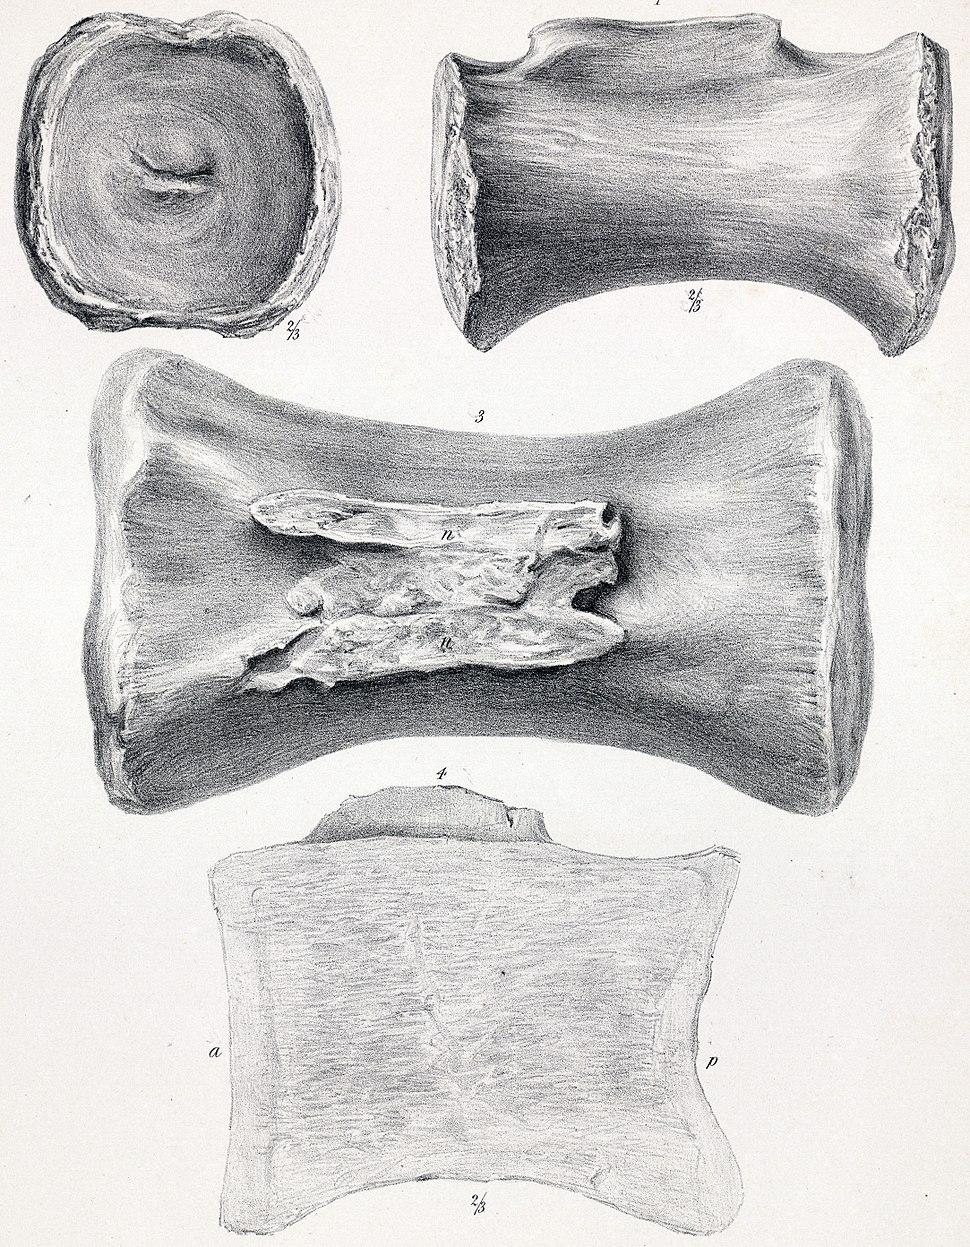 Cetiosaurus longus